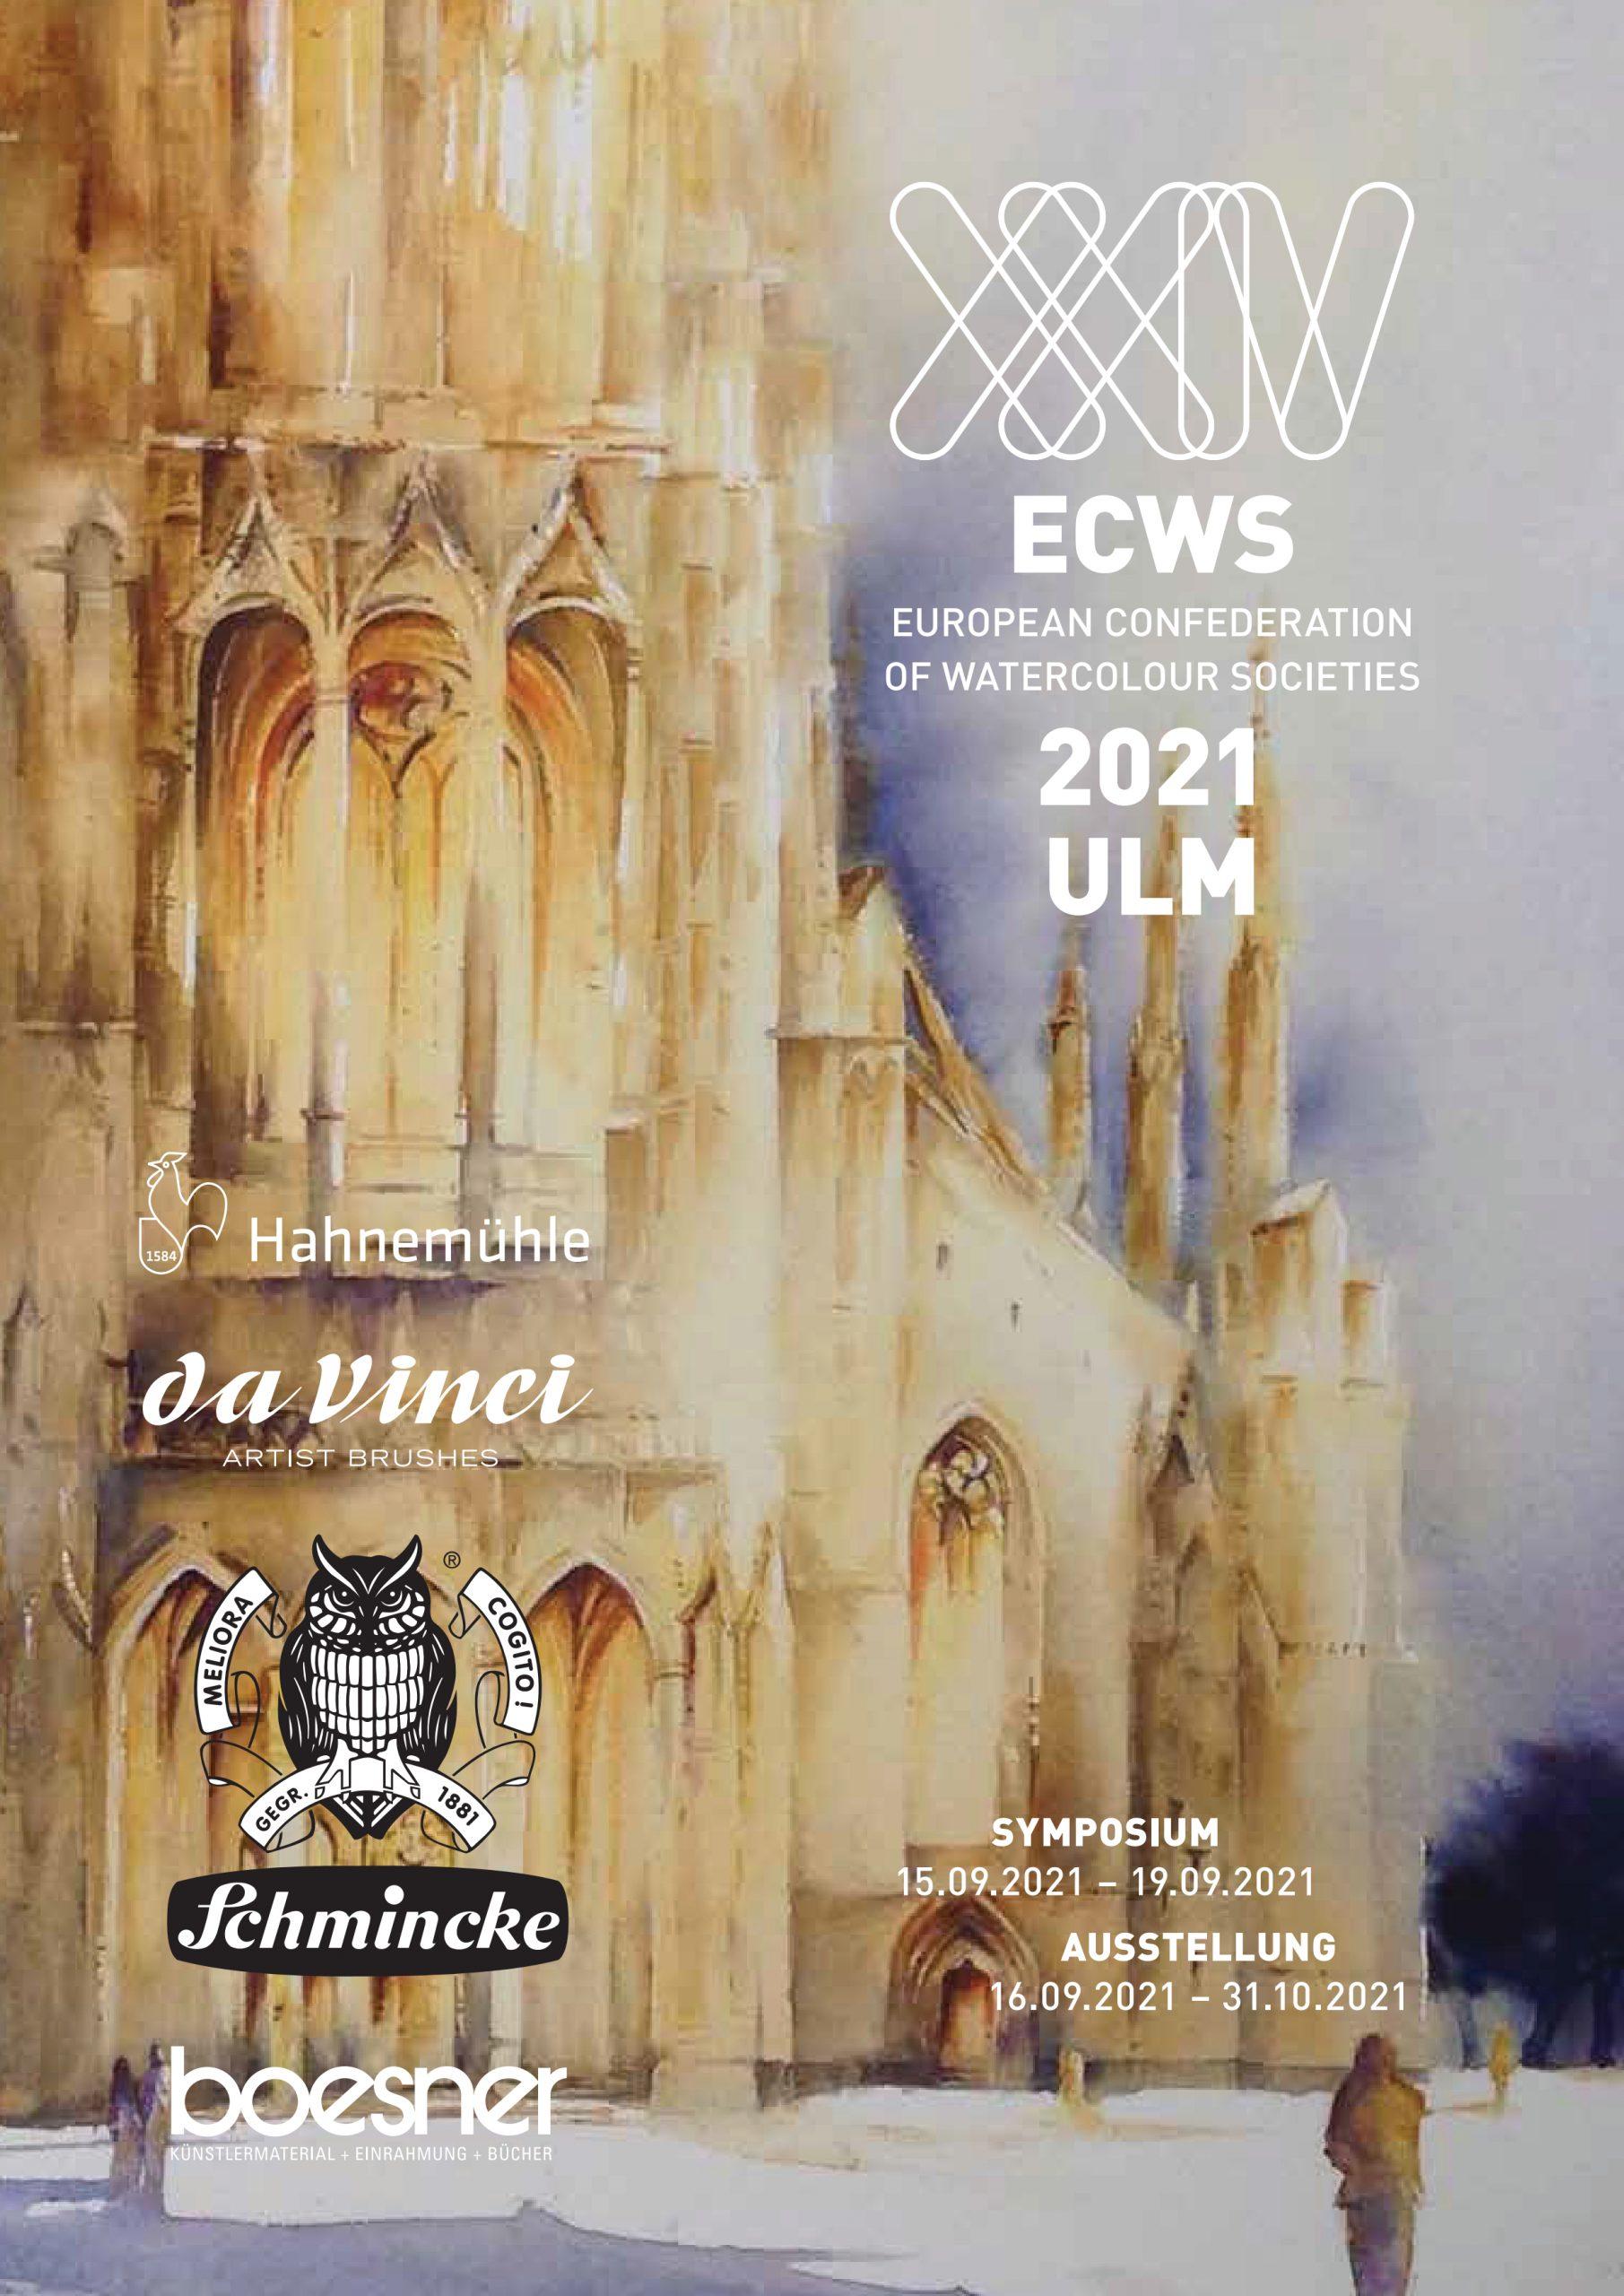 Ulm ECWS